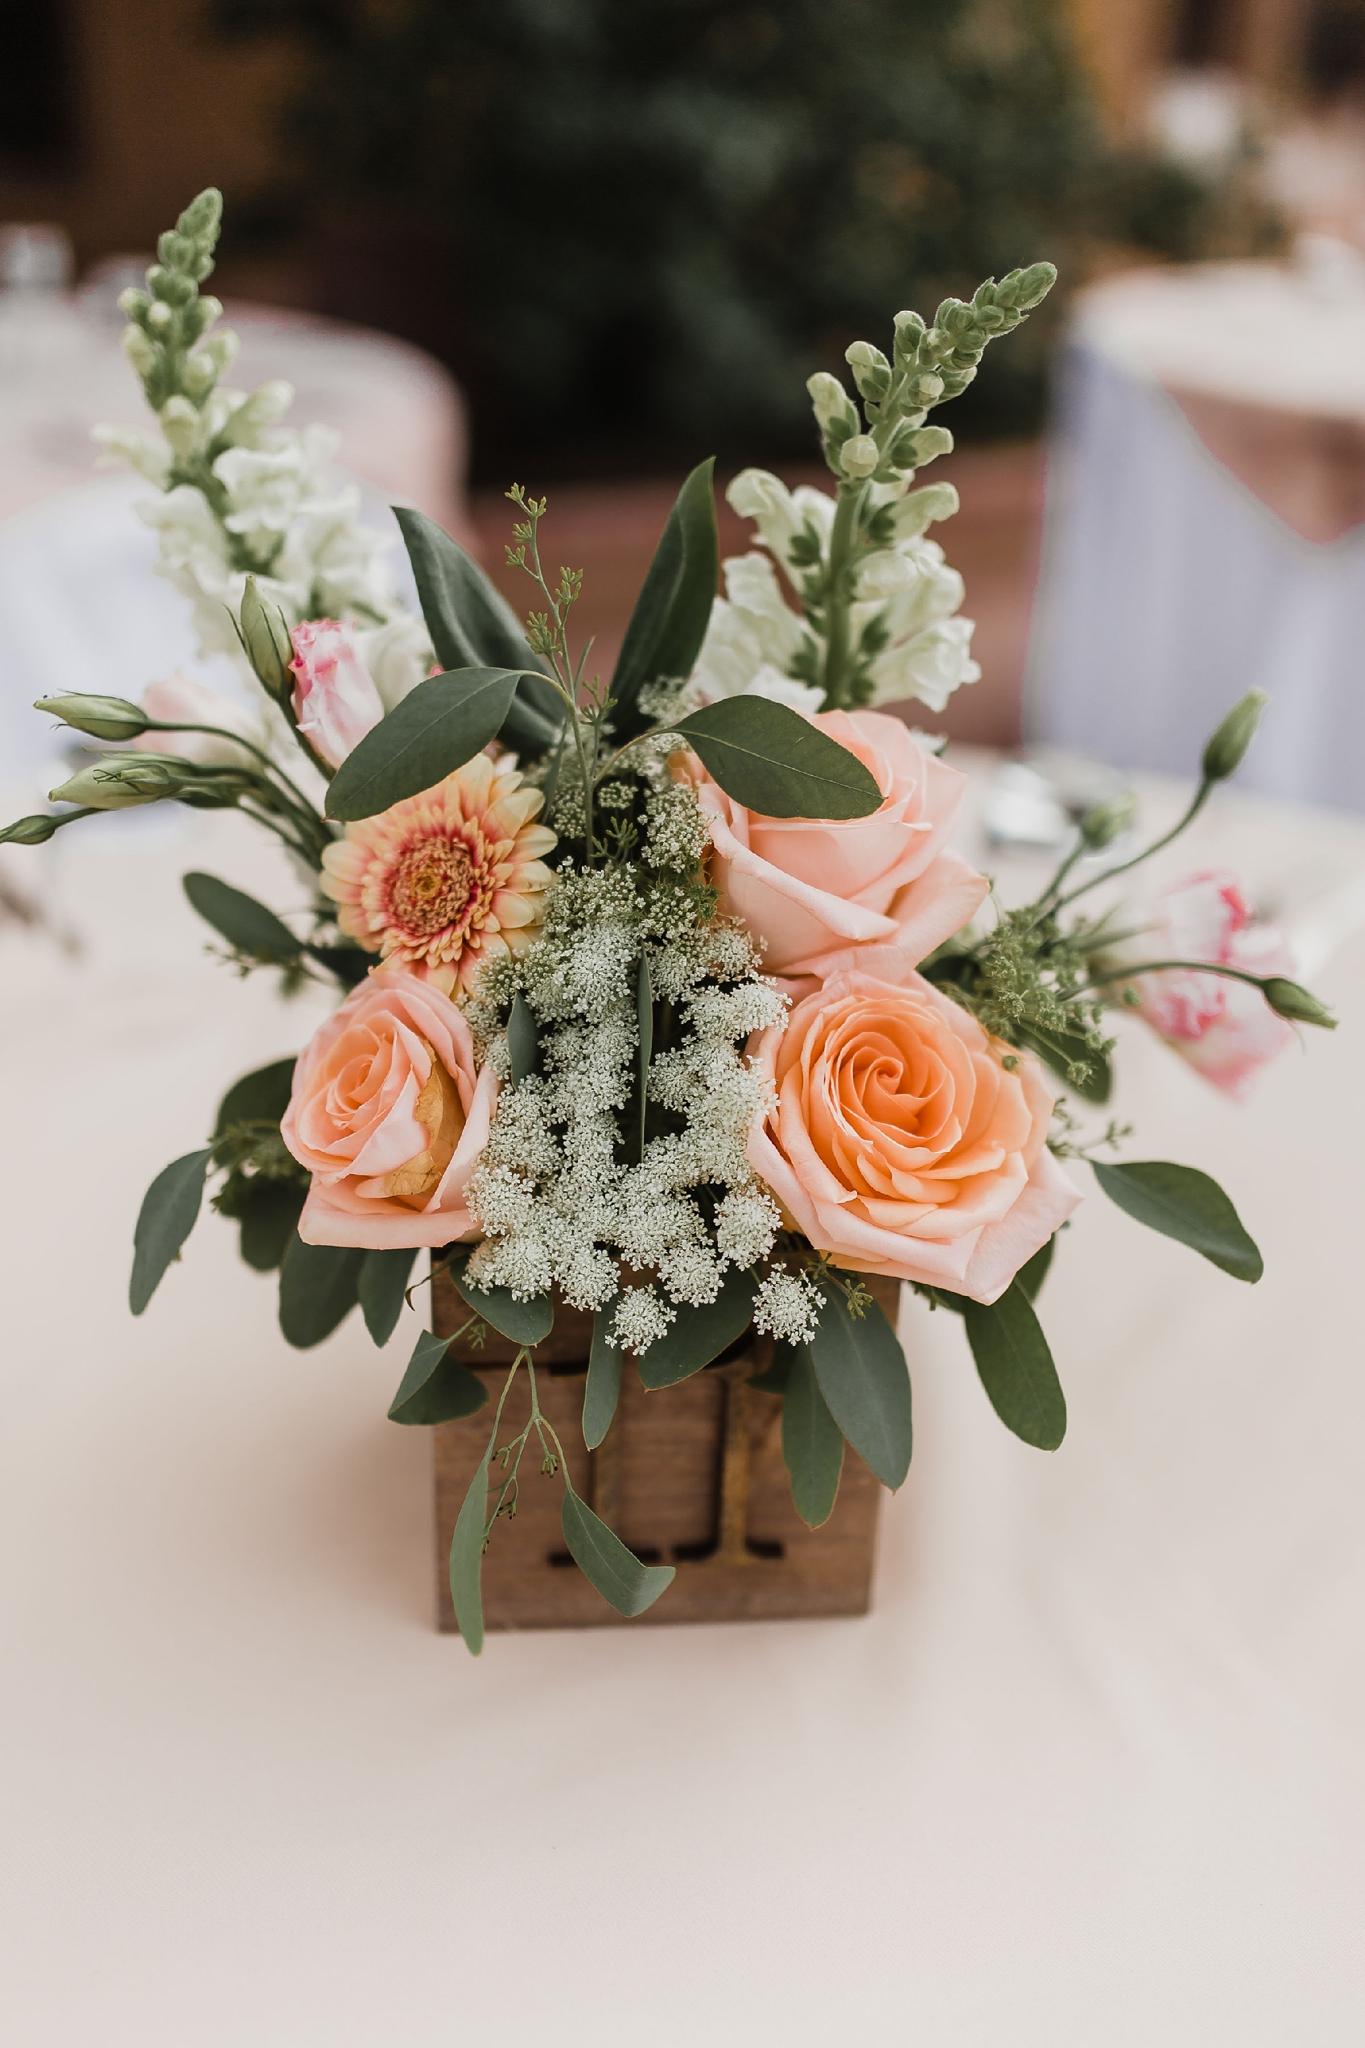 Alicia+lucia+photography+-+albuquerque+wedding+photographer+-+santa+fe+wedding+photography+-+new+mexico+wedding+photographer+-+new+mexico+wedding+-+summer+wedding+-+summer+wedding+florals+-+southwest+wedding_0096.jpg